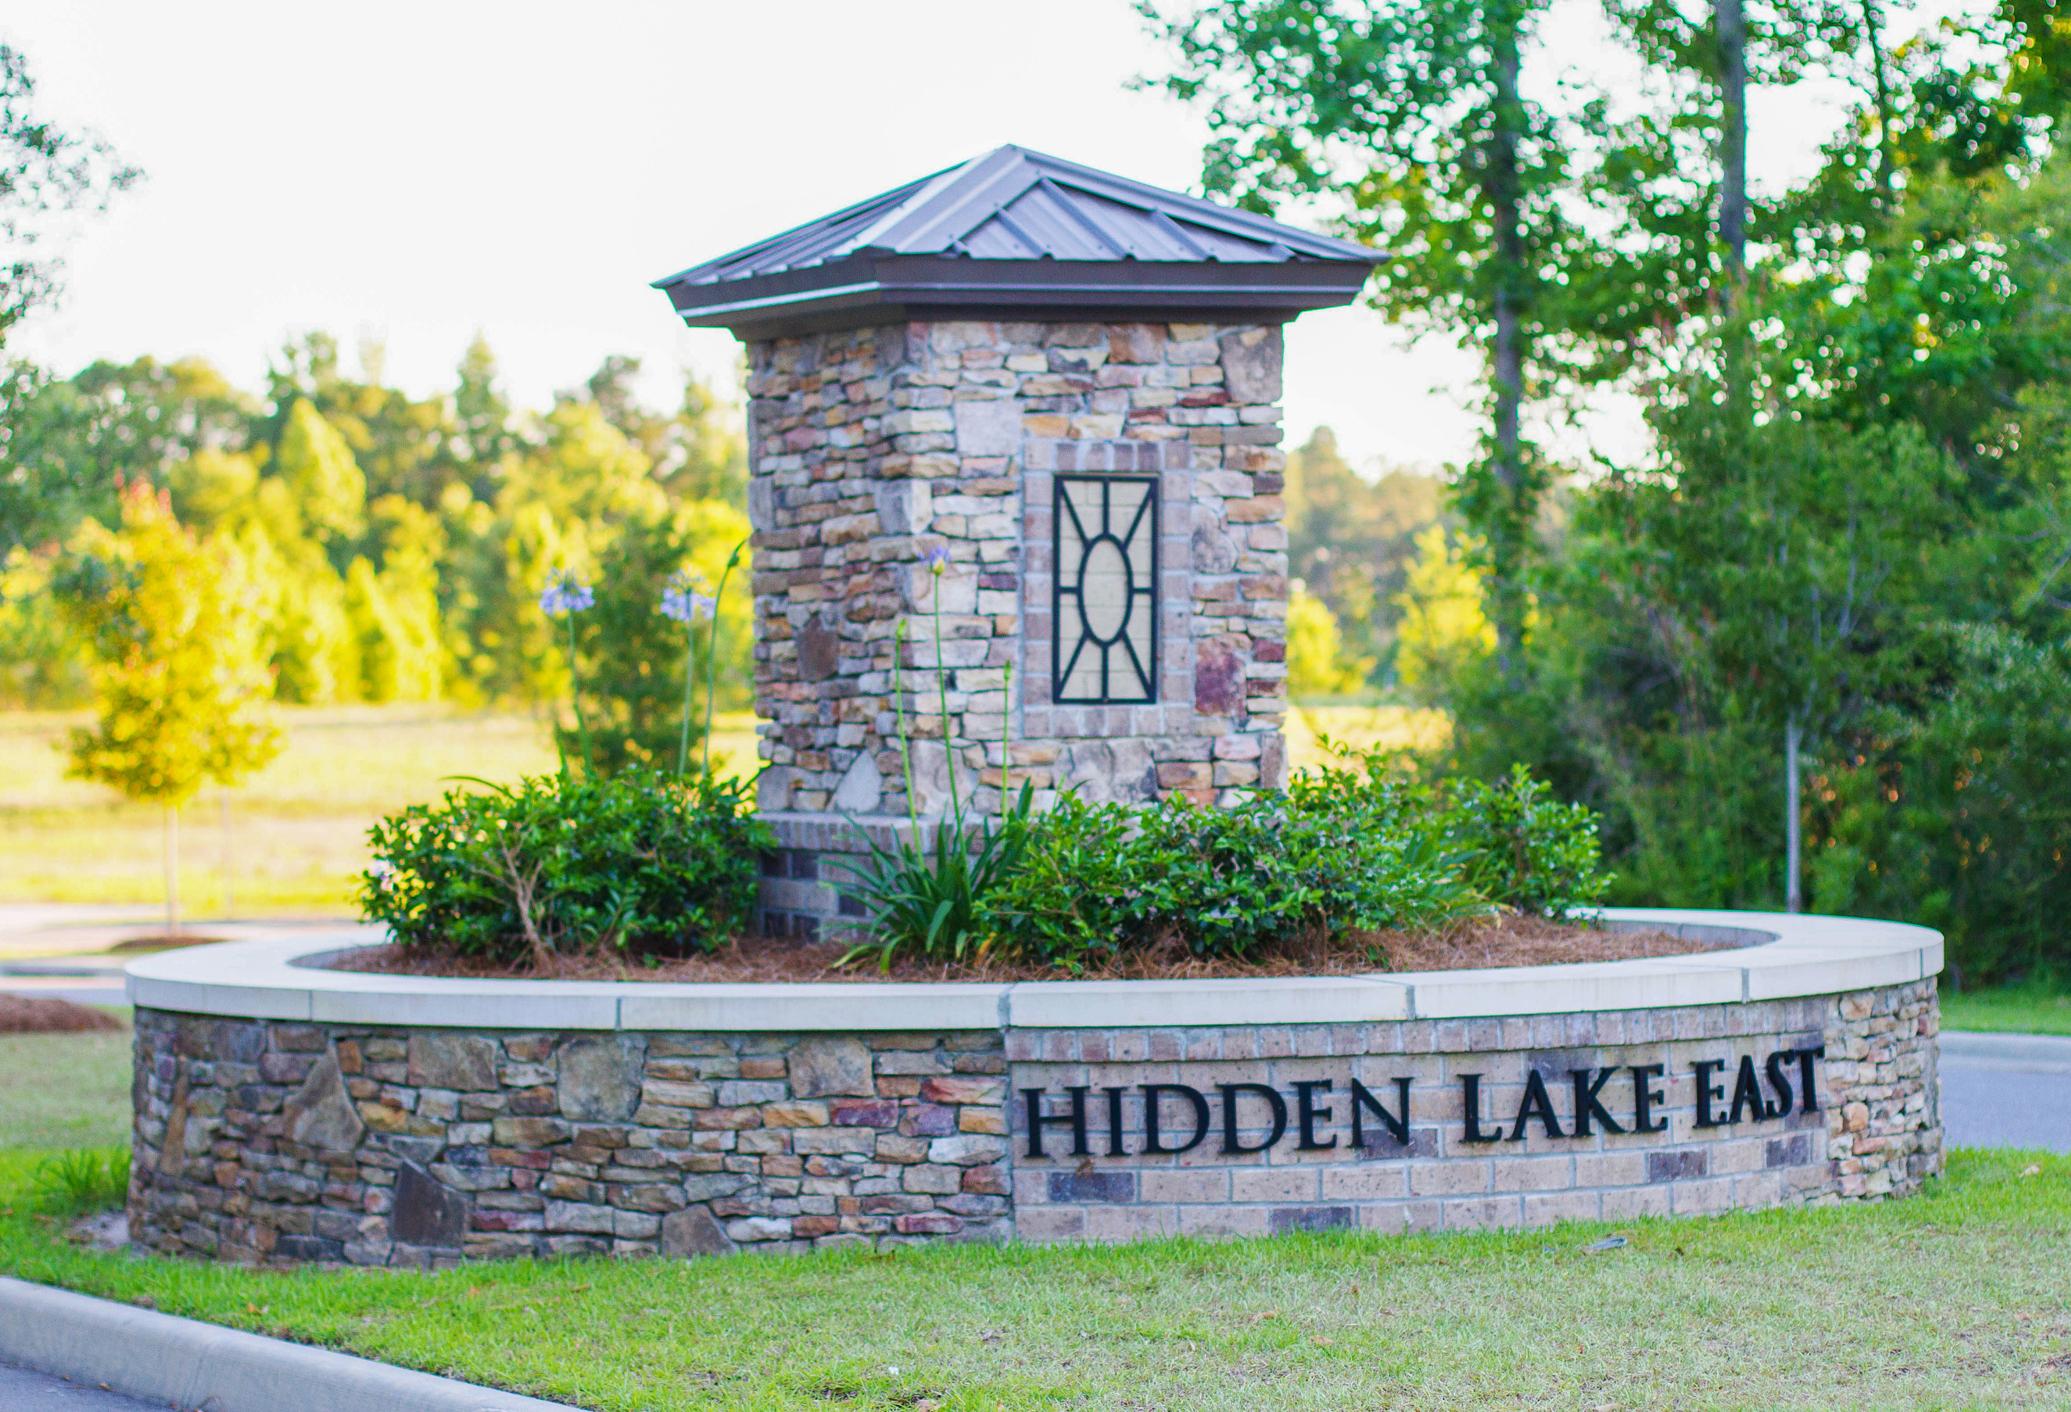 hidden_lake_east_entrance